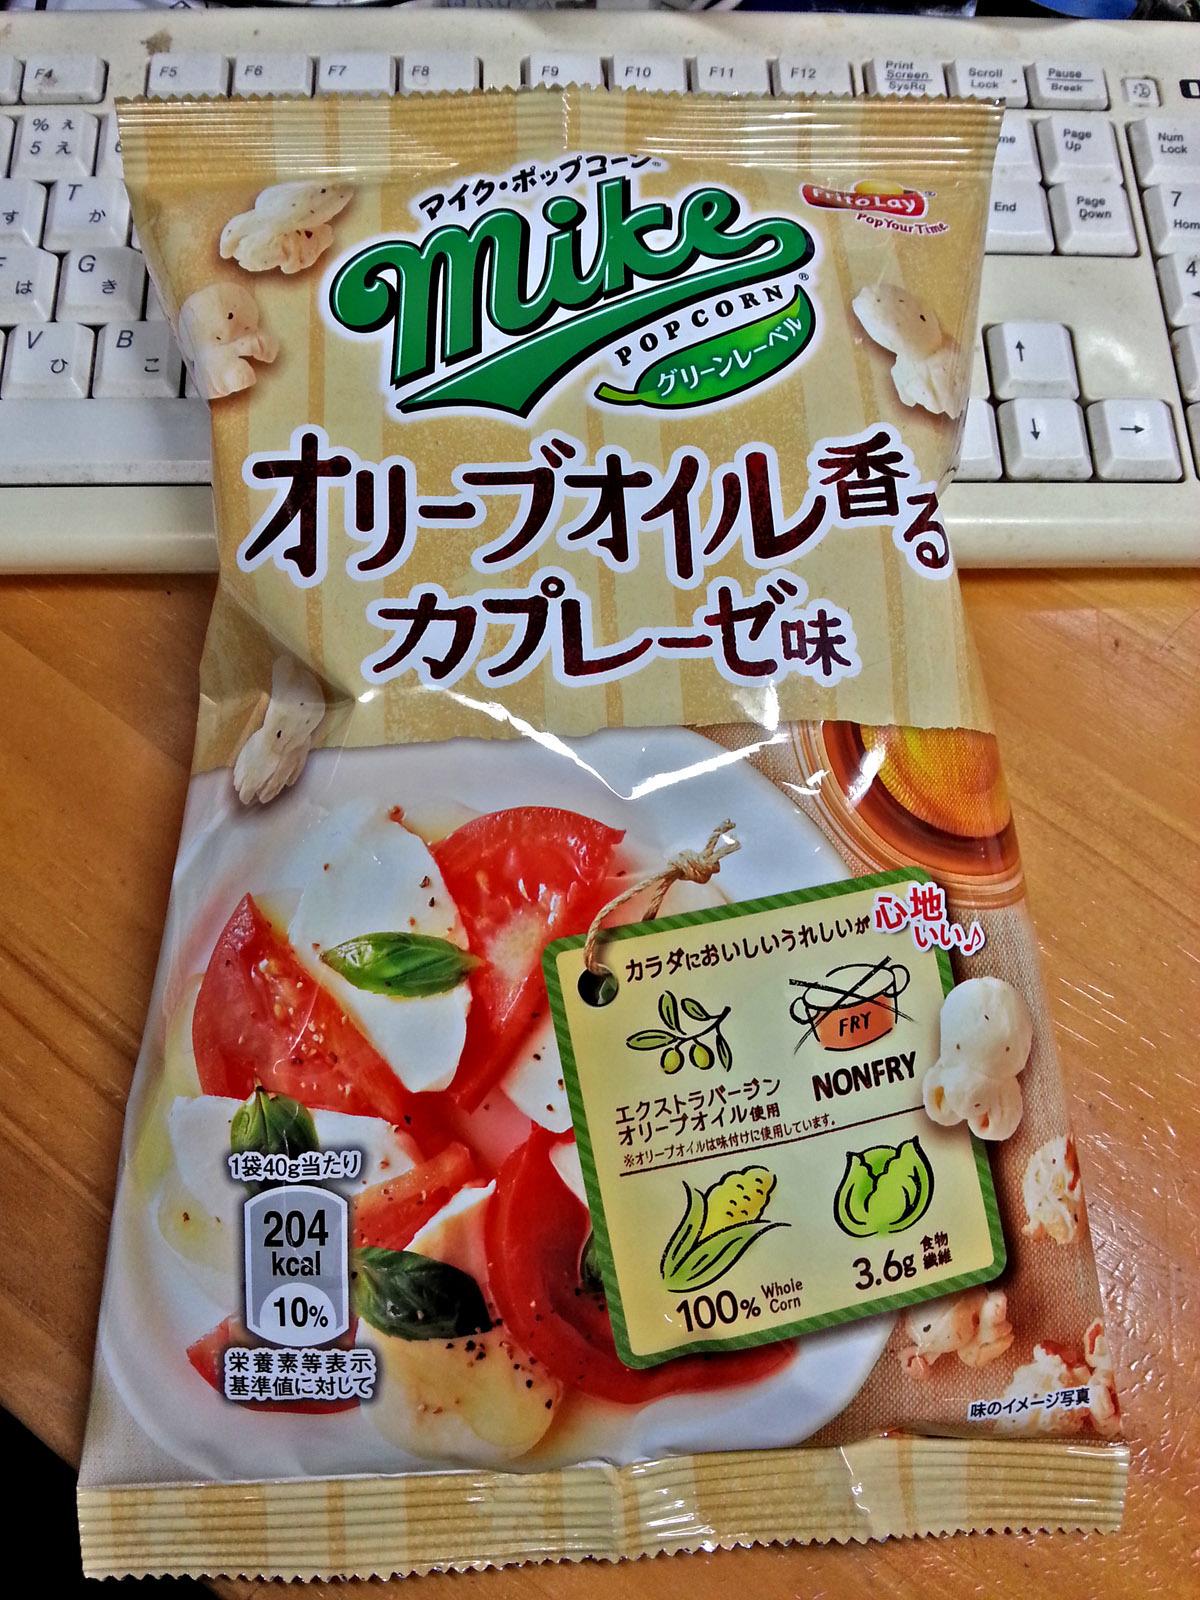 ポップコーン オリーブオイル味